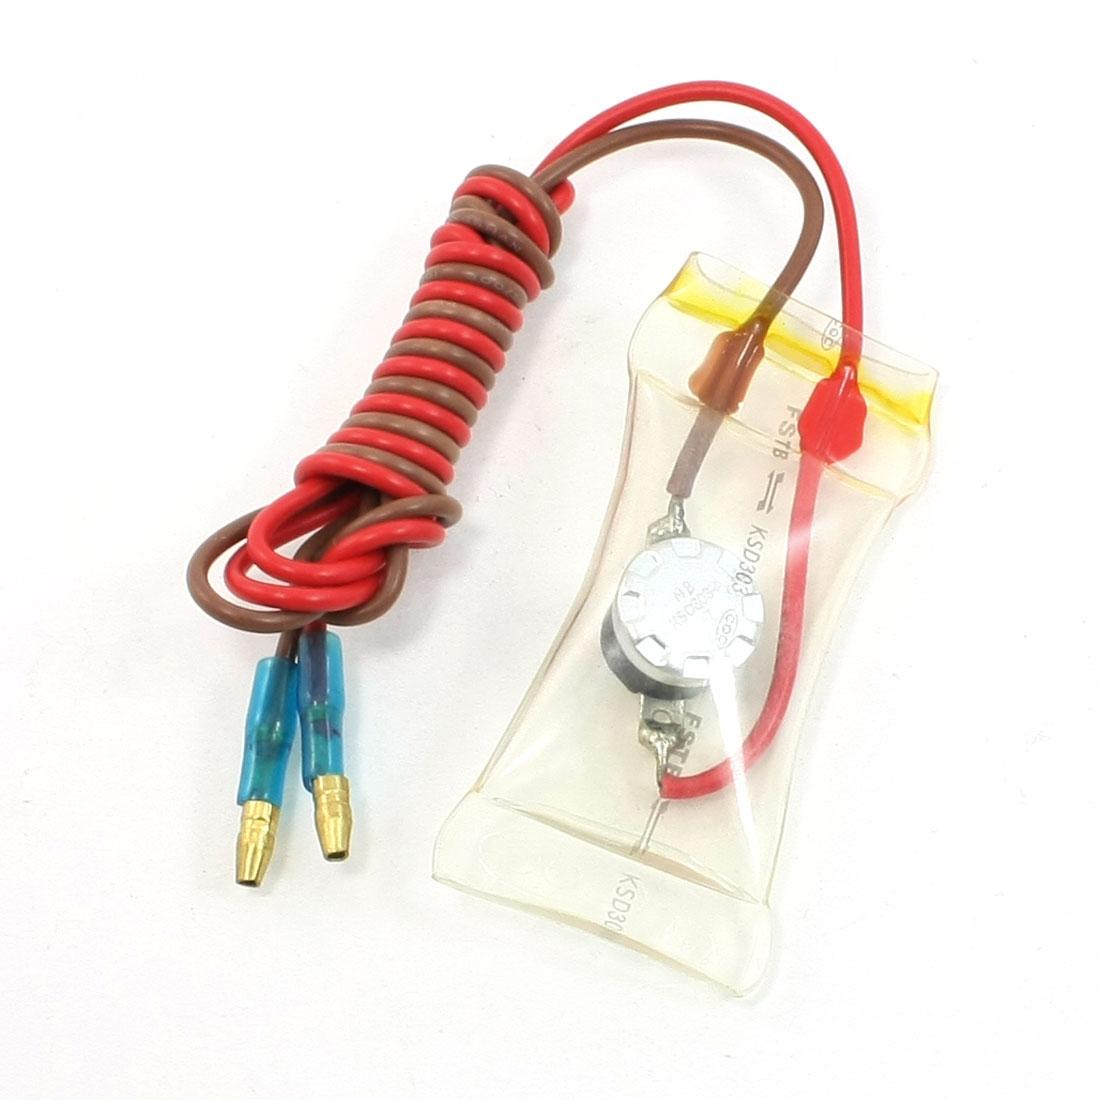 -7 Celsius Bimetal Wired Lead R04 Refrigerator Defrost Thermostat 300V/500V